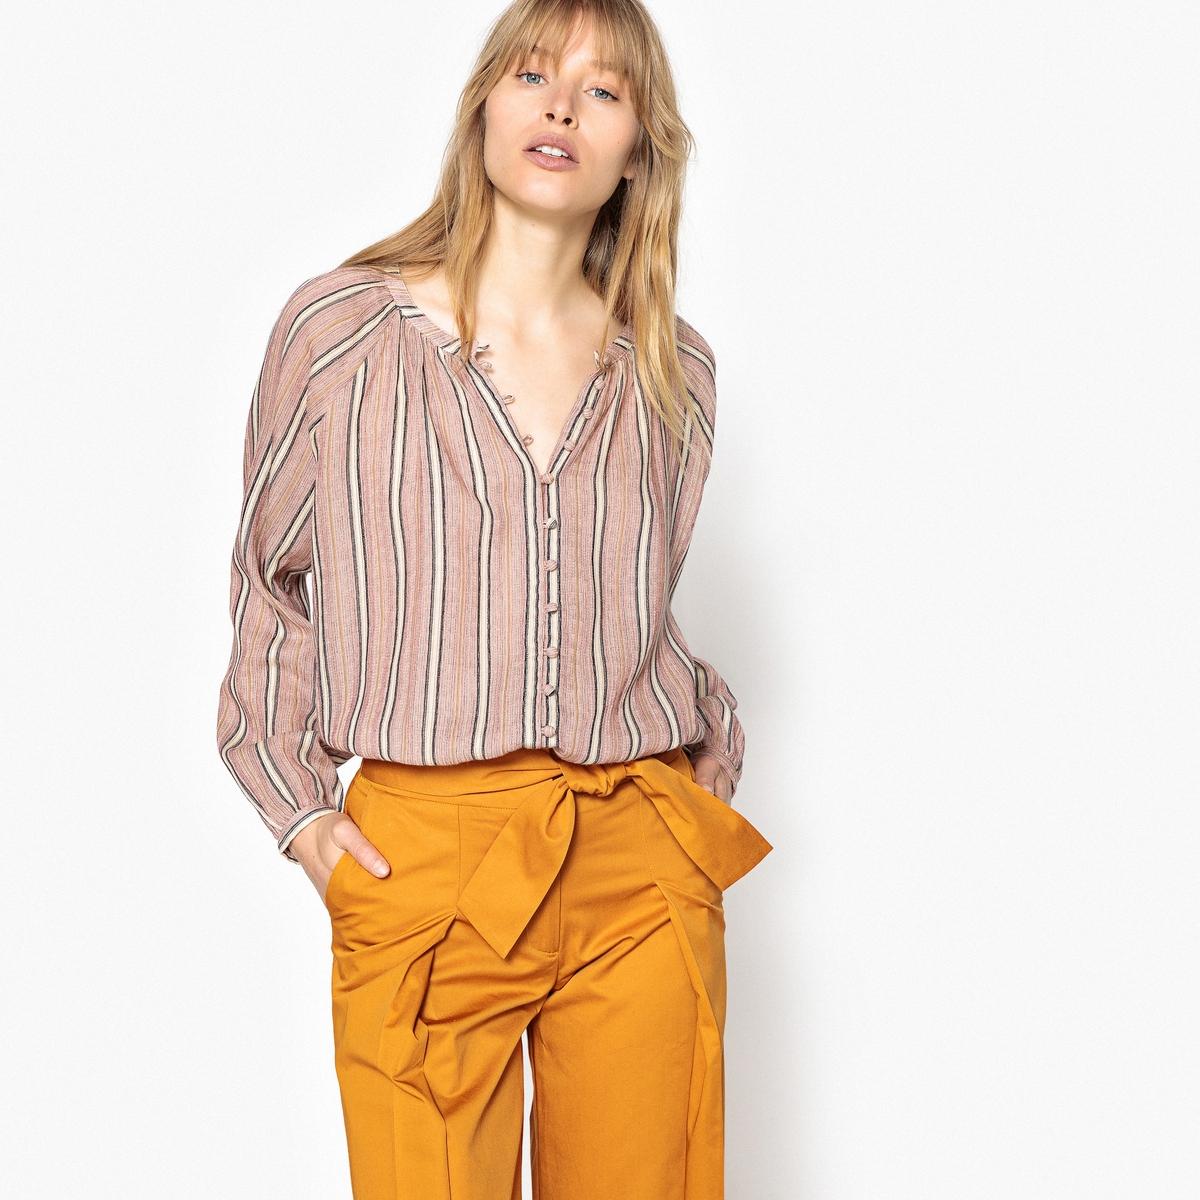 Блузка свободного покроя в полоску с застежкой на пуговицы сзади